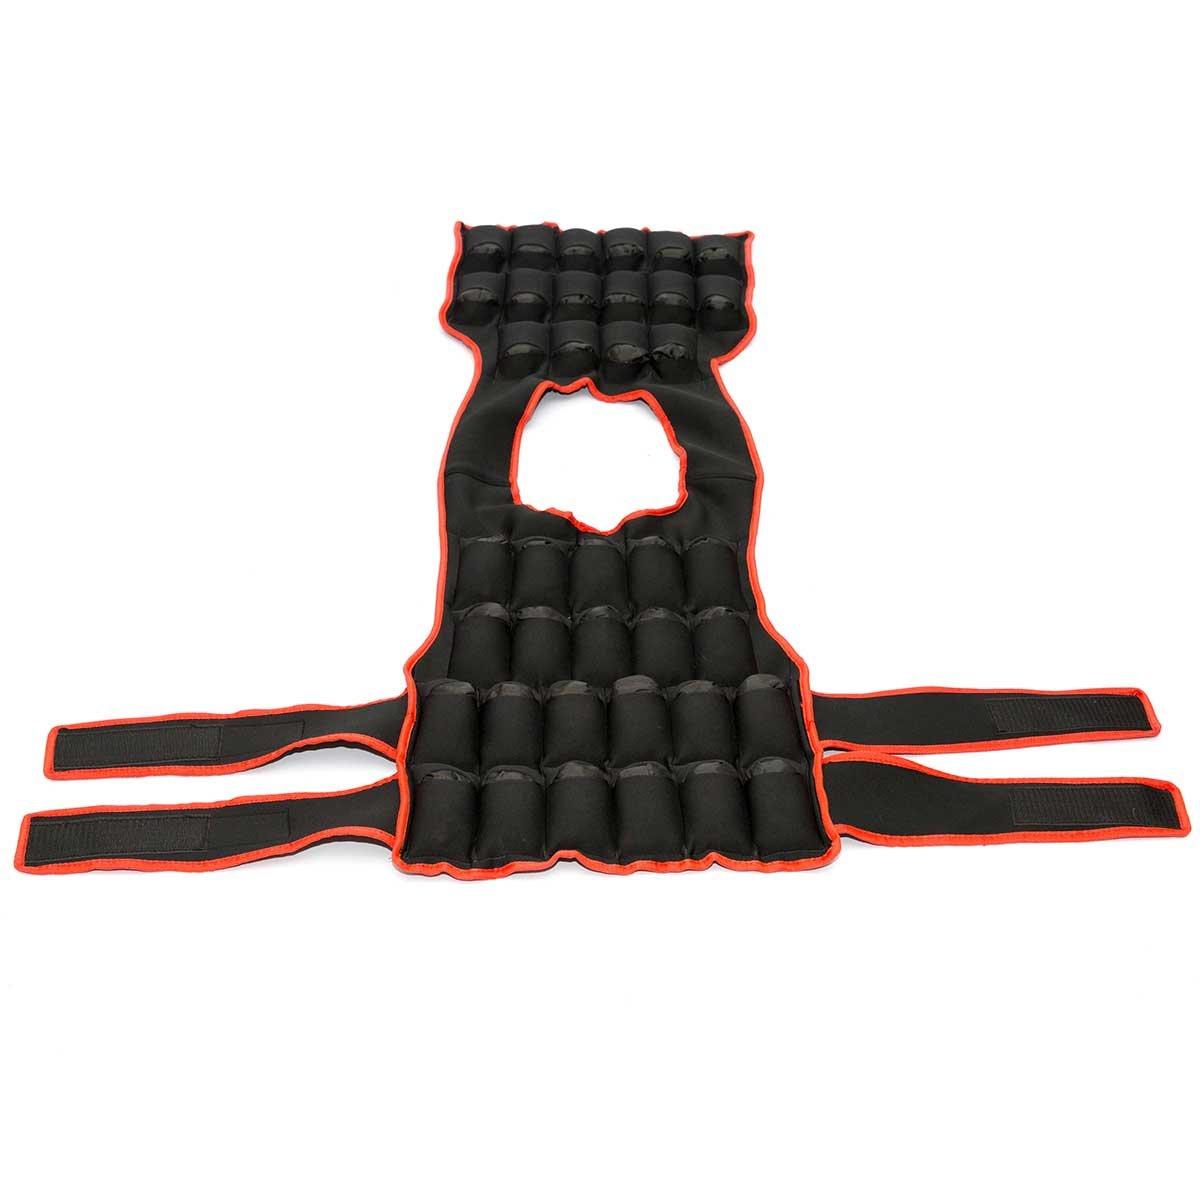 Chaleco lastrado ajustable para entrenamiento 20 kg, 30 kg, rojo, 30kg: Amazon.es: Deportes y aire libre